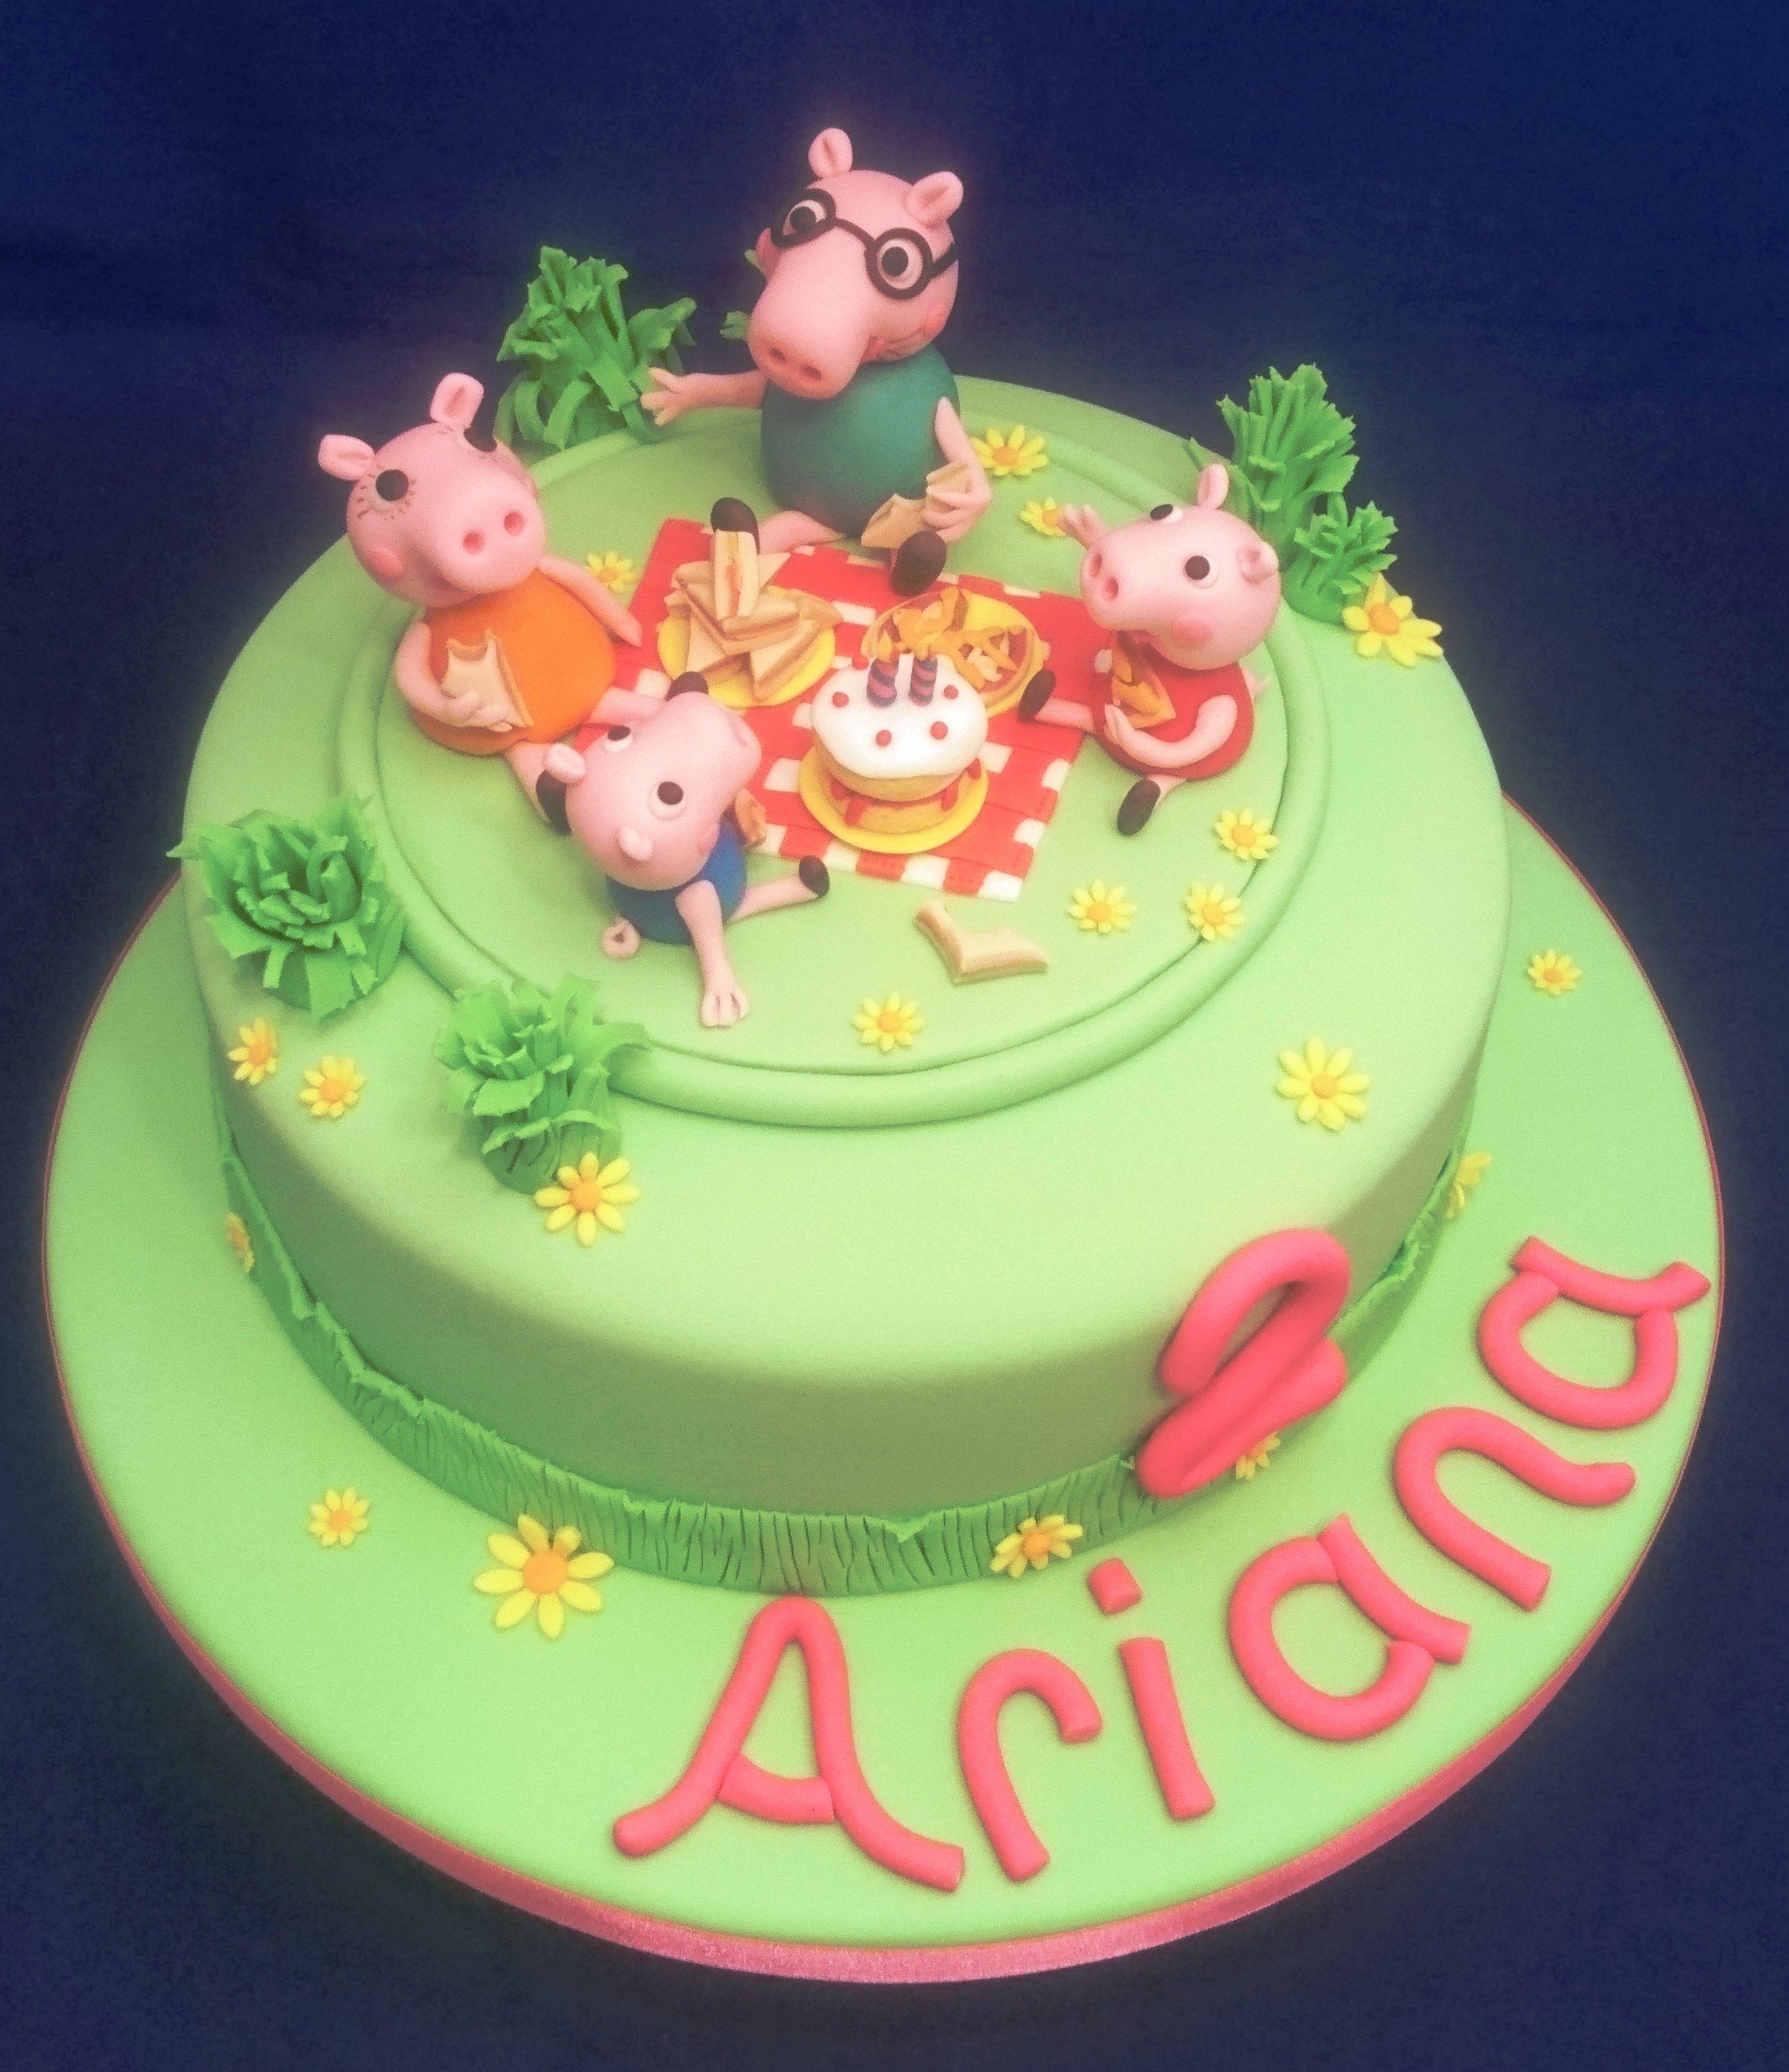 a-Peppa Pig Cake.JPG